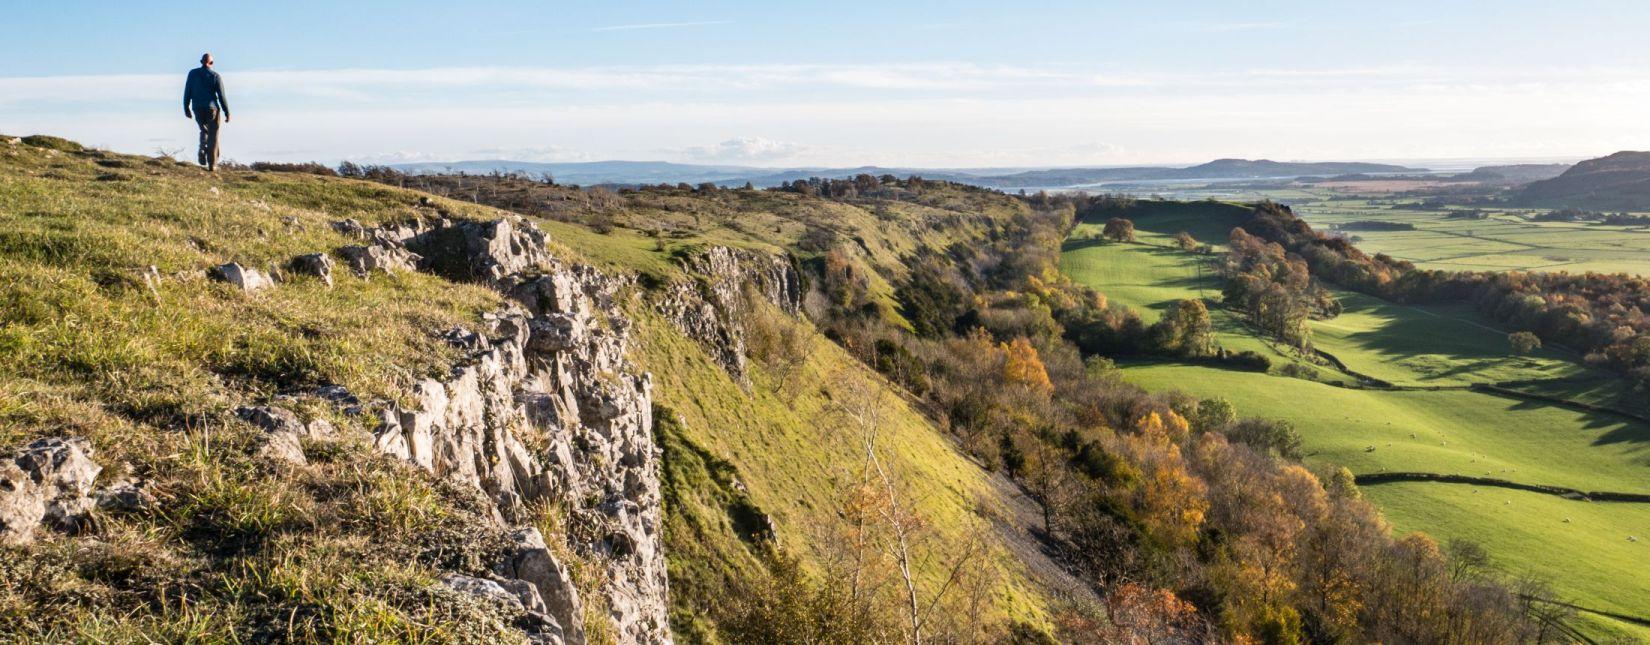 Scout Scar view, near Kendal